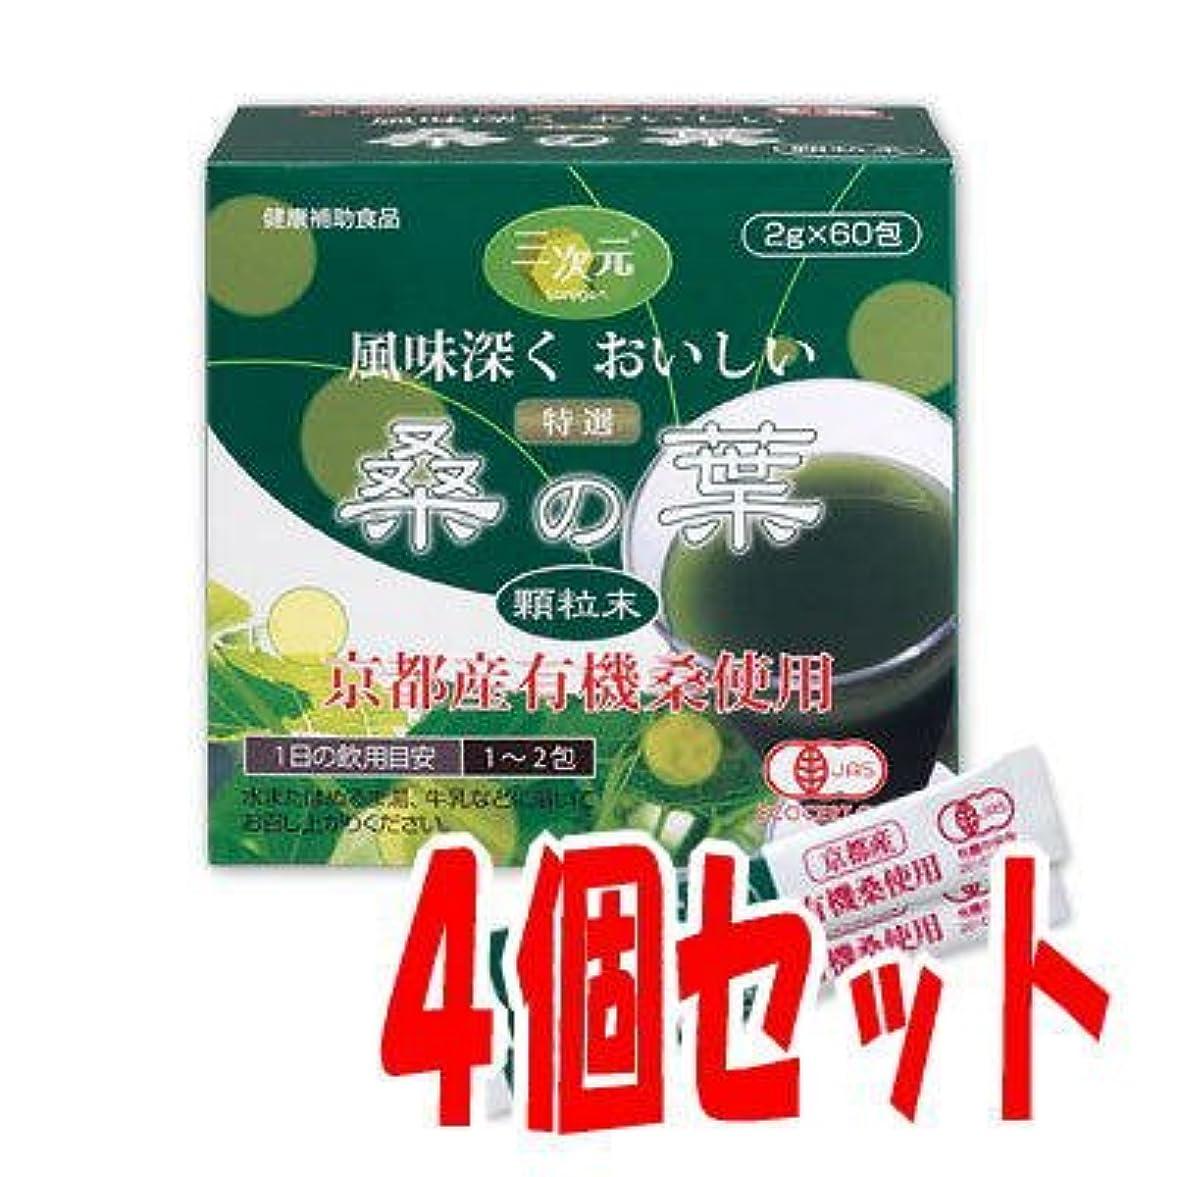 特選「桑の葉」顆粒末1箱60包入×4箱セット 国産(京都産)有機桑使用 苦くなく風味深くおいしい青汁